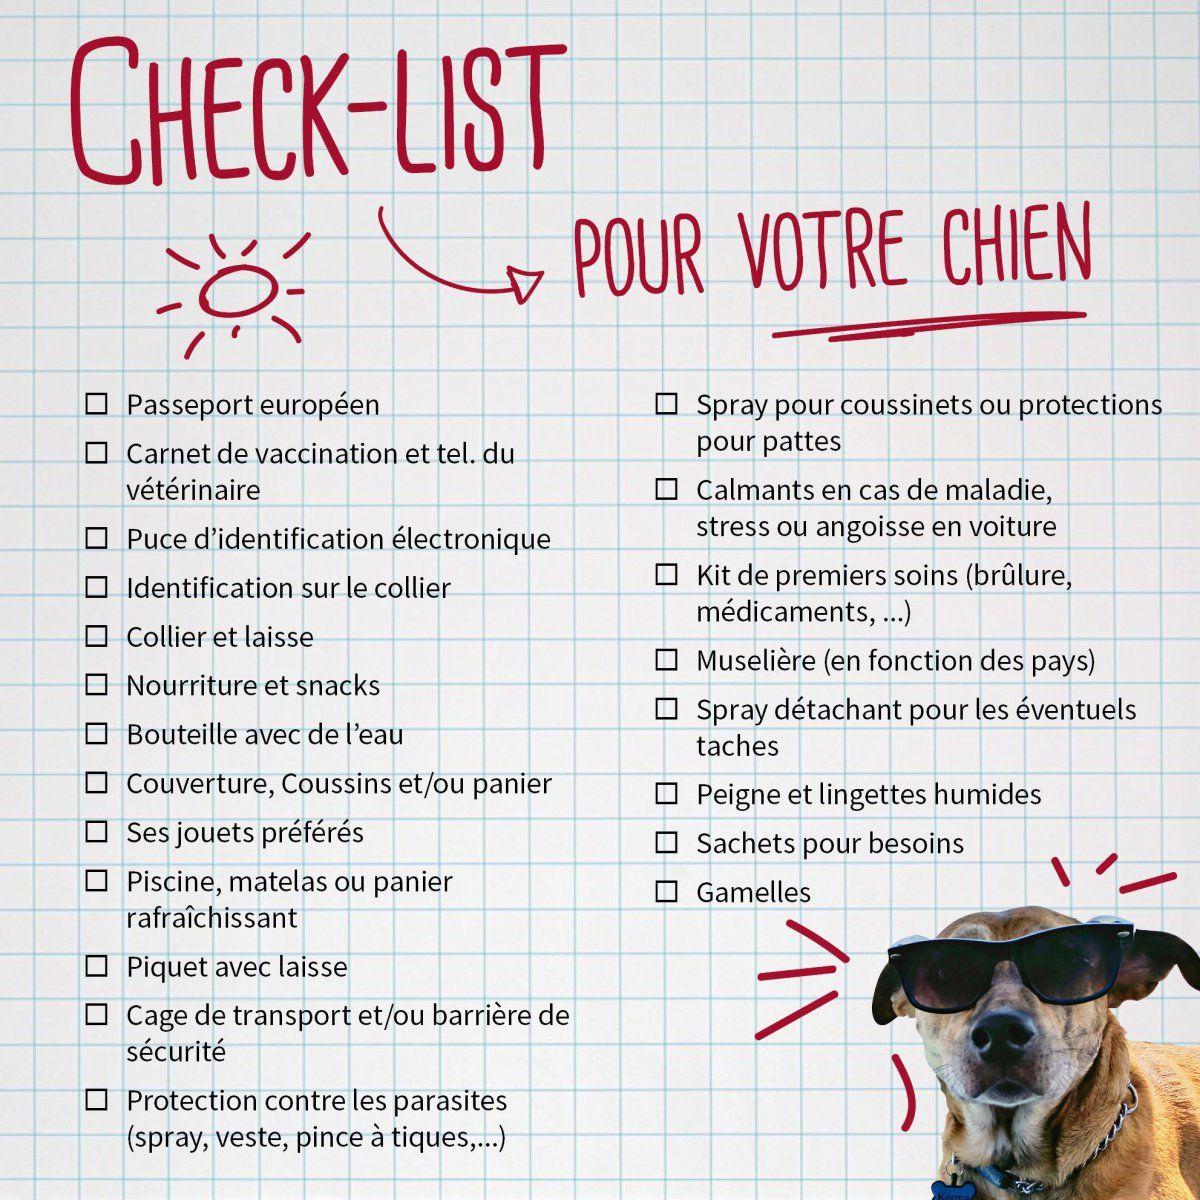 Vacances D Ete Une Check List Pour Votre Chien Horta Vakantie Checklist